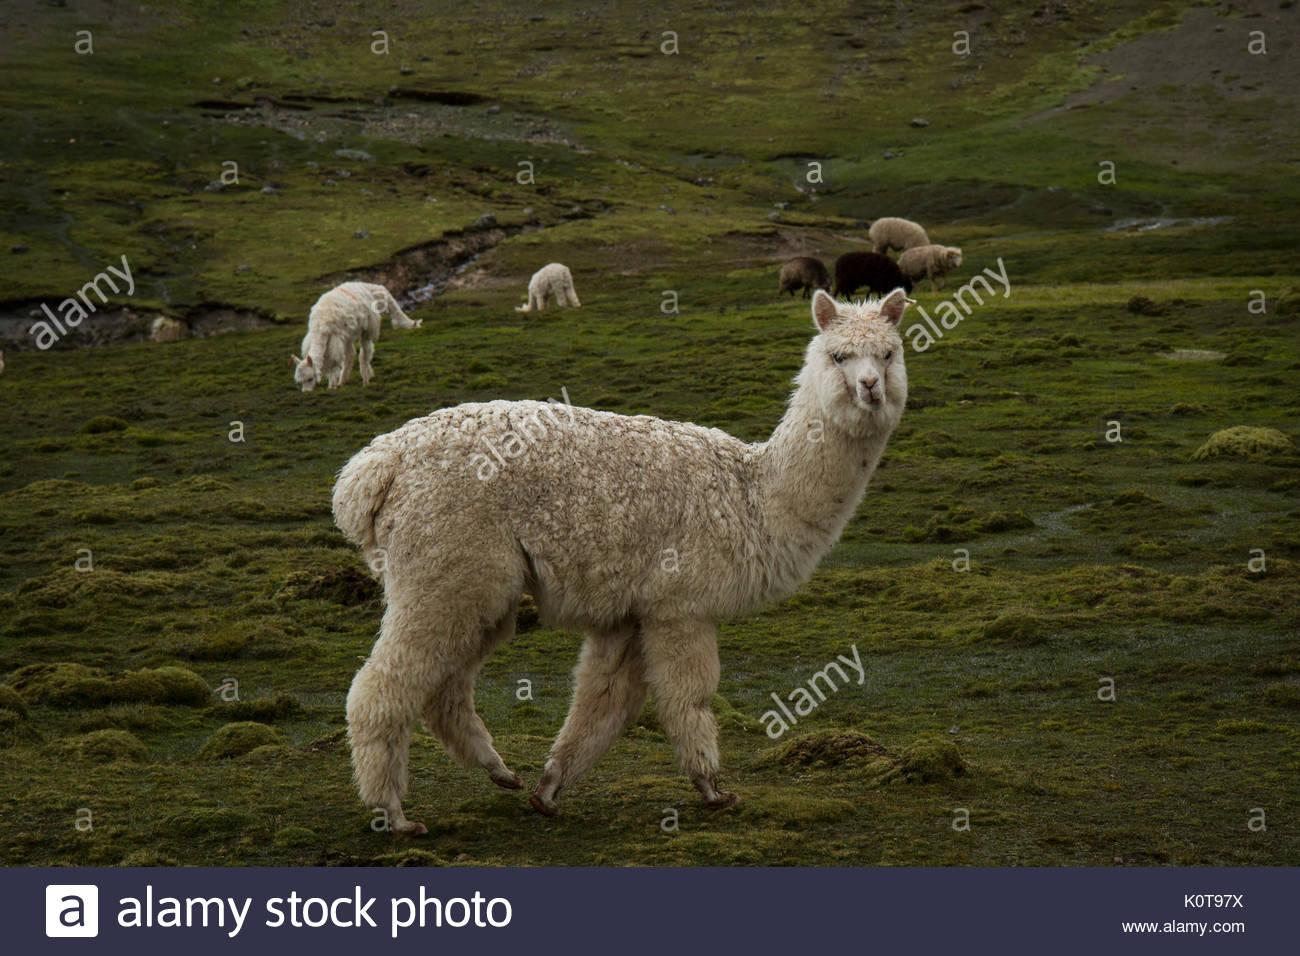 Llama - Stock Image